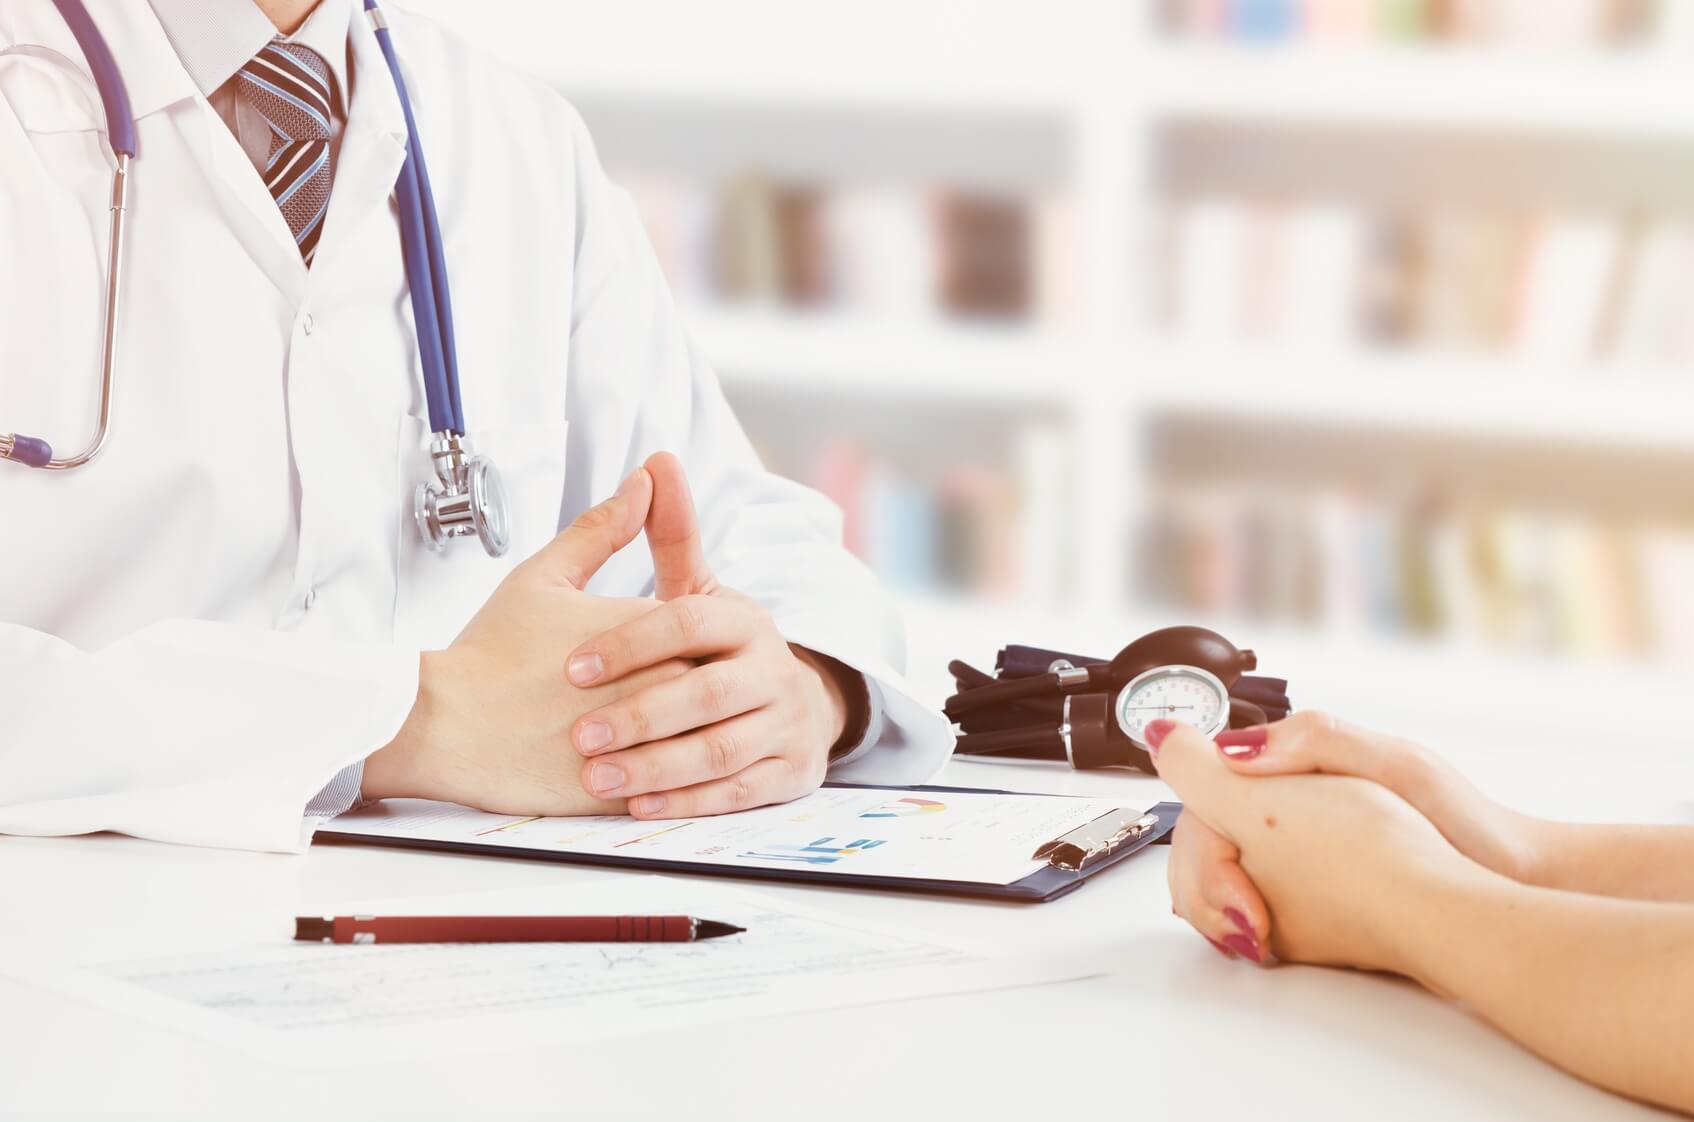 Arzt Patienten Kommunikation - Arzt Gespräch